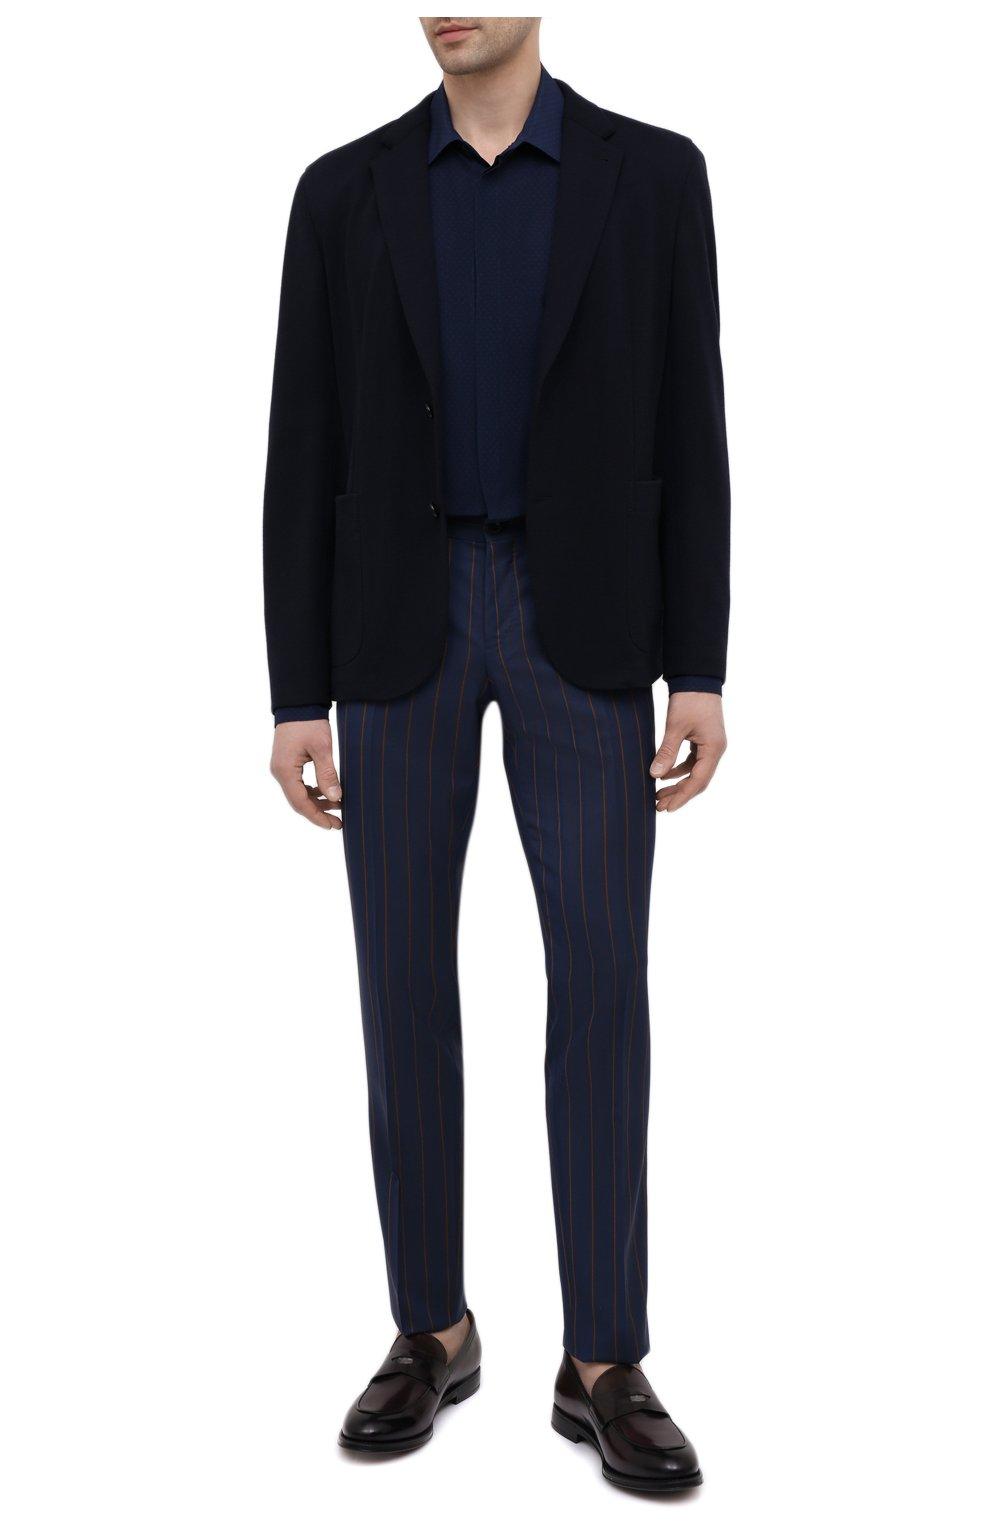 Мужские шерстяные брюки DOLCE & GABBANA синего цвета, арт. GY7BMT/FR2YH | Фото 2 (Материал внешний: Шерсть; Длина (брюки, джинсы): Стандартные; Случай: Повседневный, Формальный; Стили: Классический; Материал подклада: Вискоза)